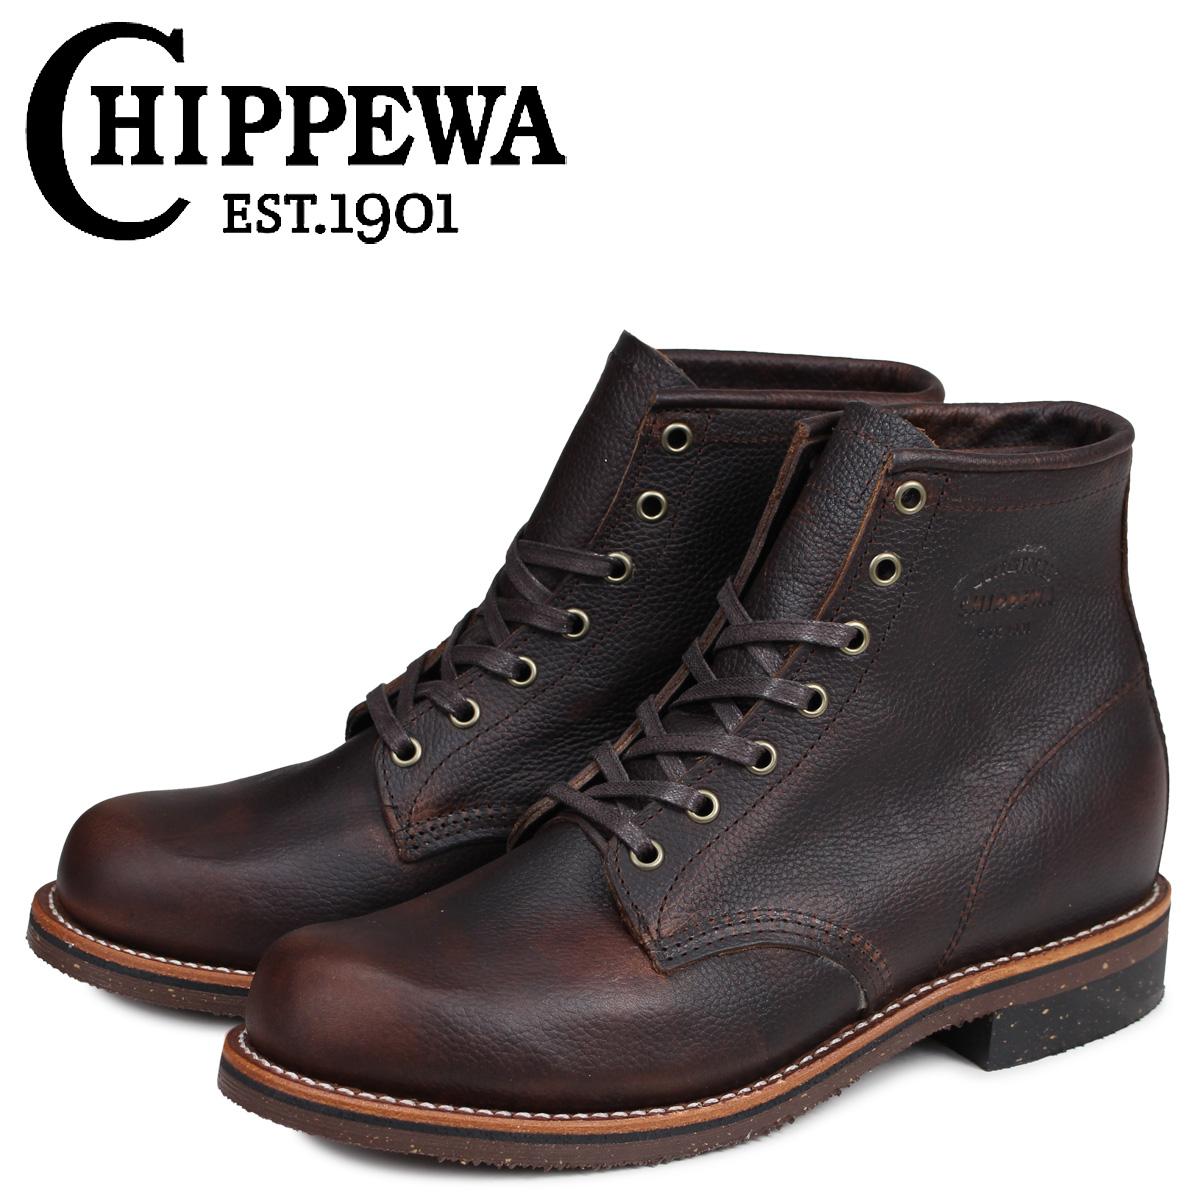 チペワ 6INCH CHIPPEWA ブーツ ブーツ 6インチ サービス 6INCH SERVICE BOOT 1901G25 1901G25 Dワイズ ダークブラウン メンズ, SUPER ISM:4ed208c8 --- ww.thecollagist.com